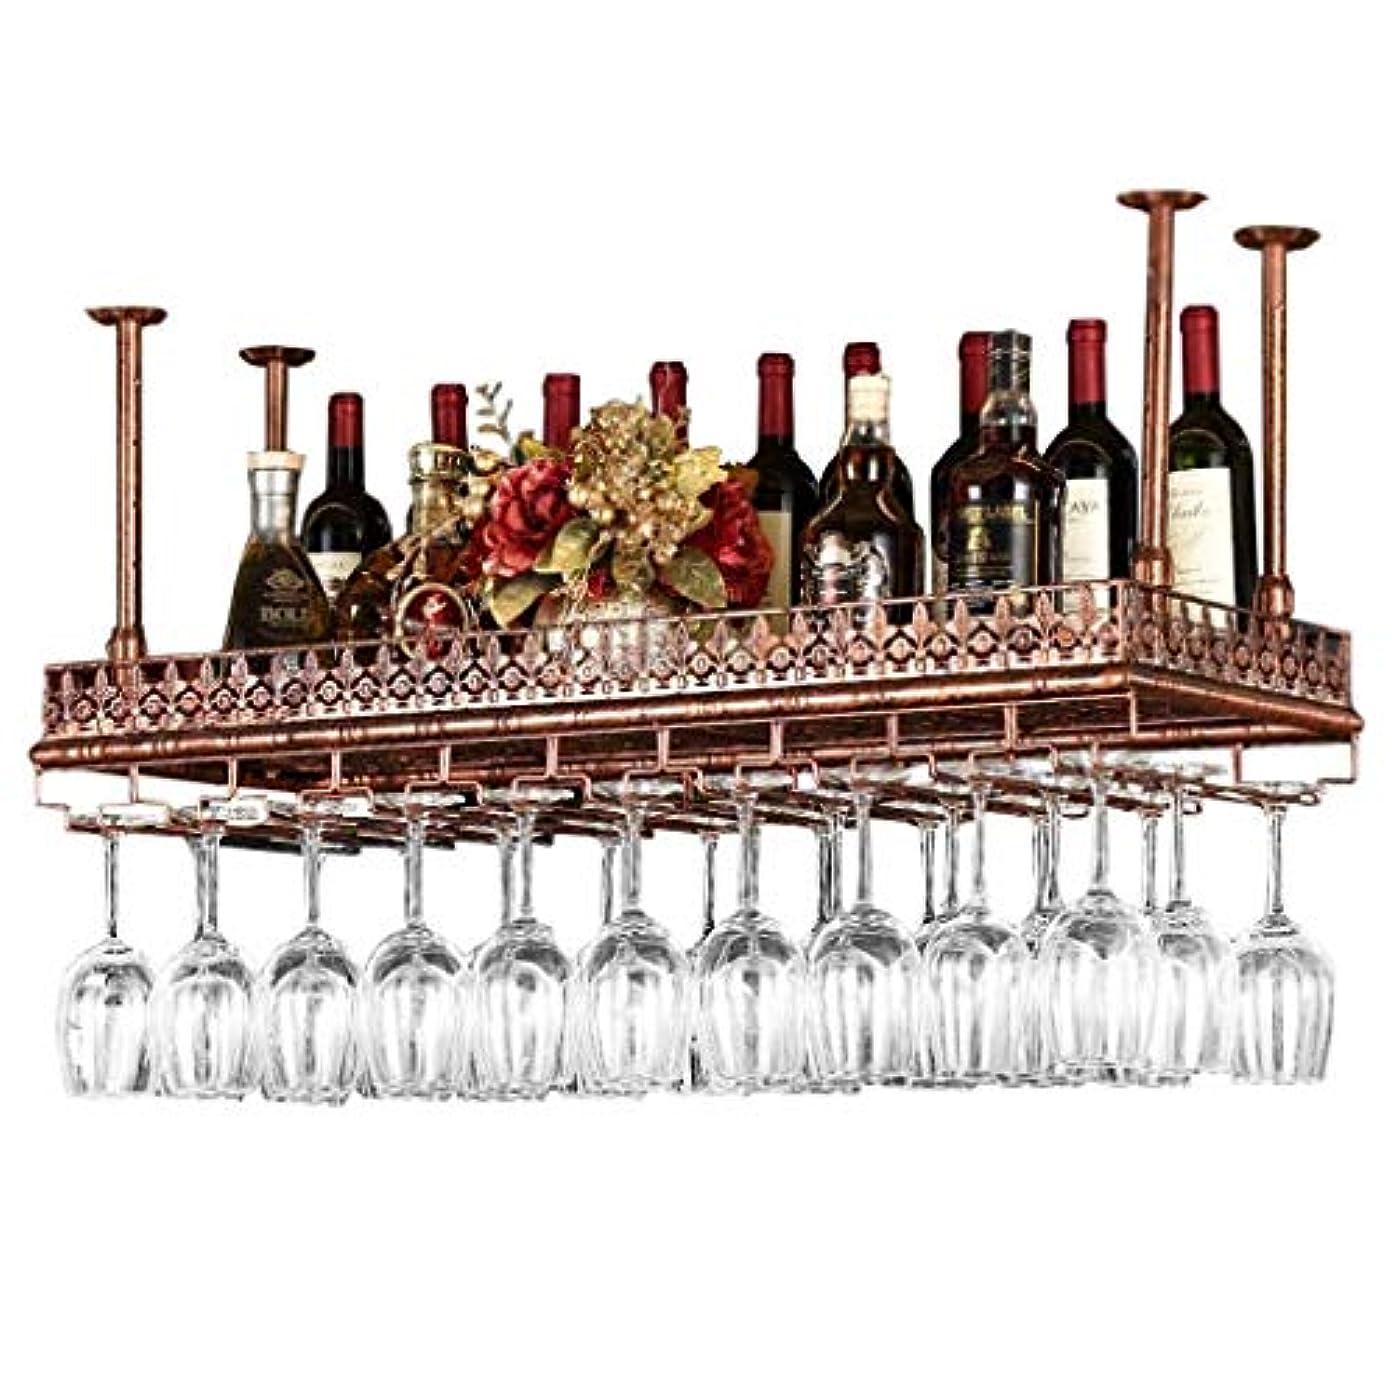 水差し軽蔑する文天井のワインラック調節可能な高さ壁に取り付けられたぶら下げワインボトルホルダー金属鉄ワイングラスラックゴブレットステムウェアラックバー装飾ディスプレイ棚(色:青銅、サイズ:L80 * W35 cm)